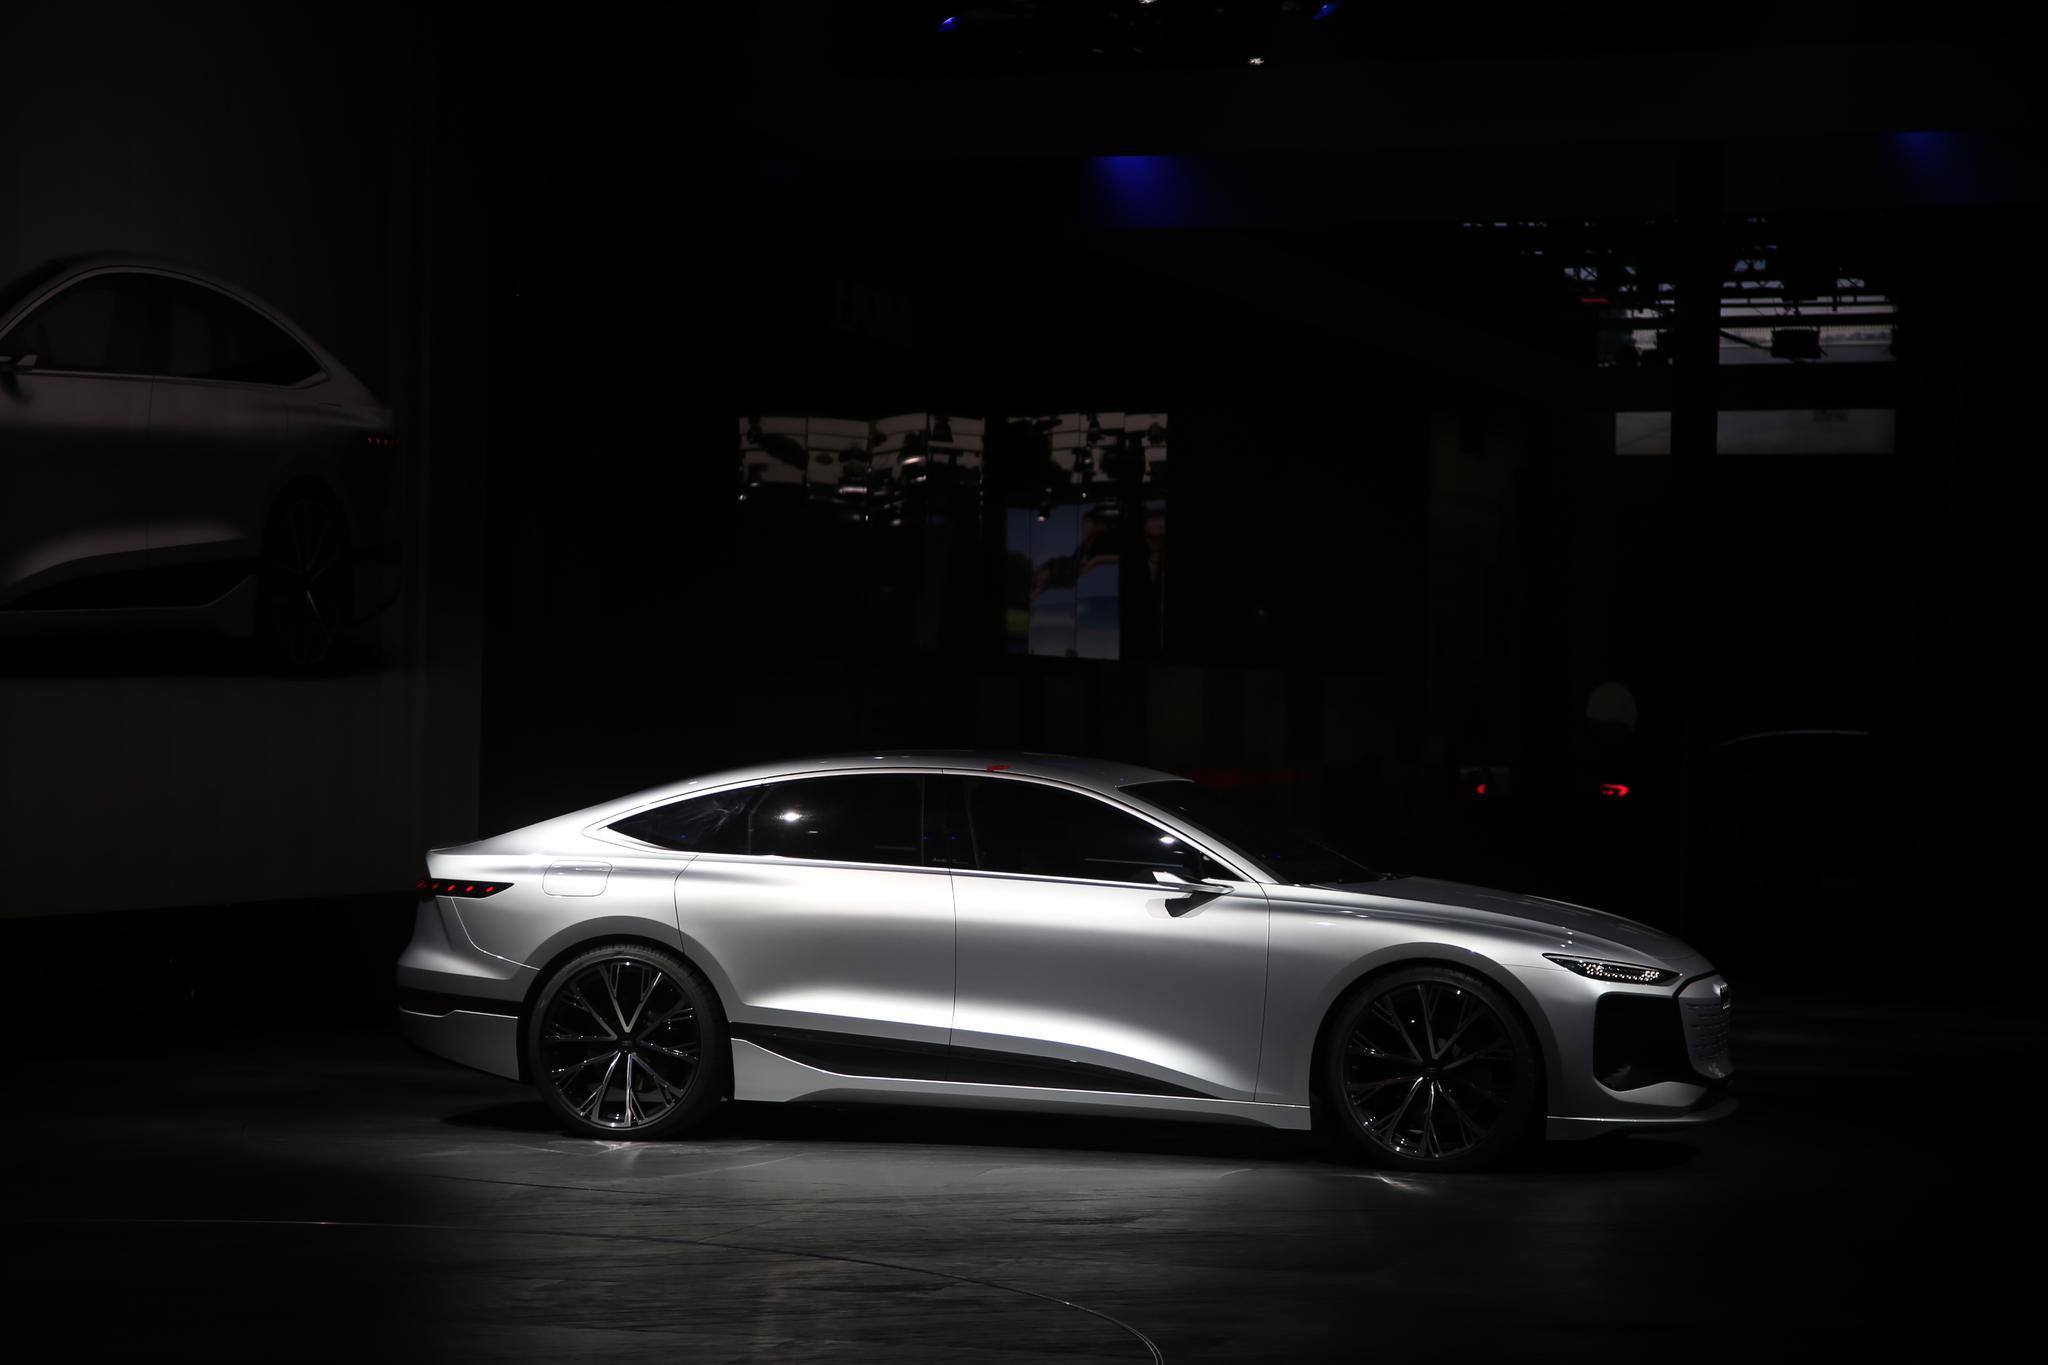 2021上海车展:奥迪A6 e-tron概念车全球首发